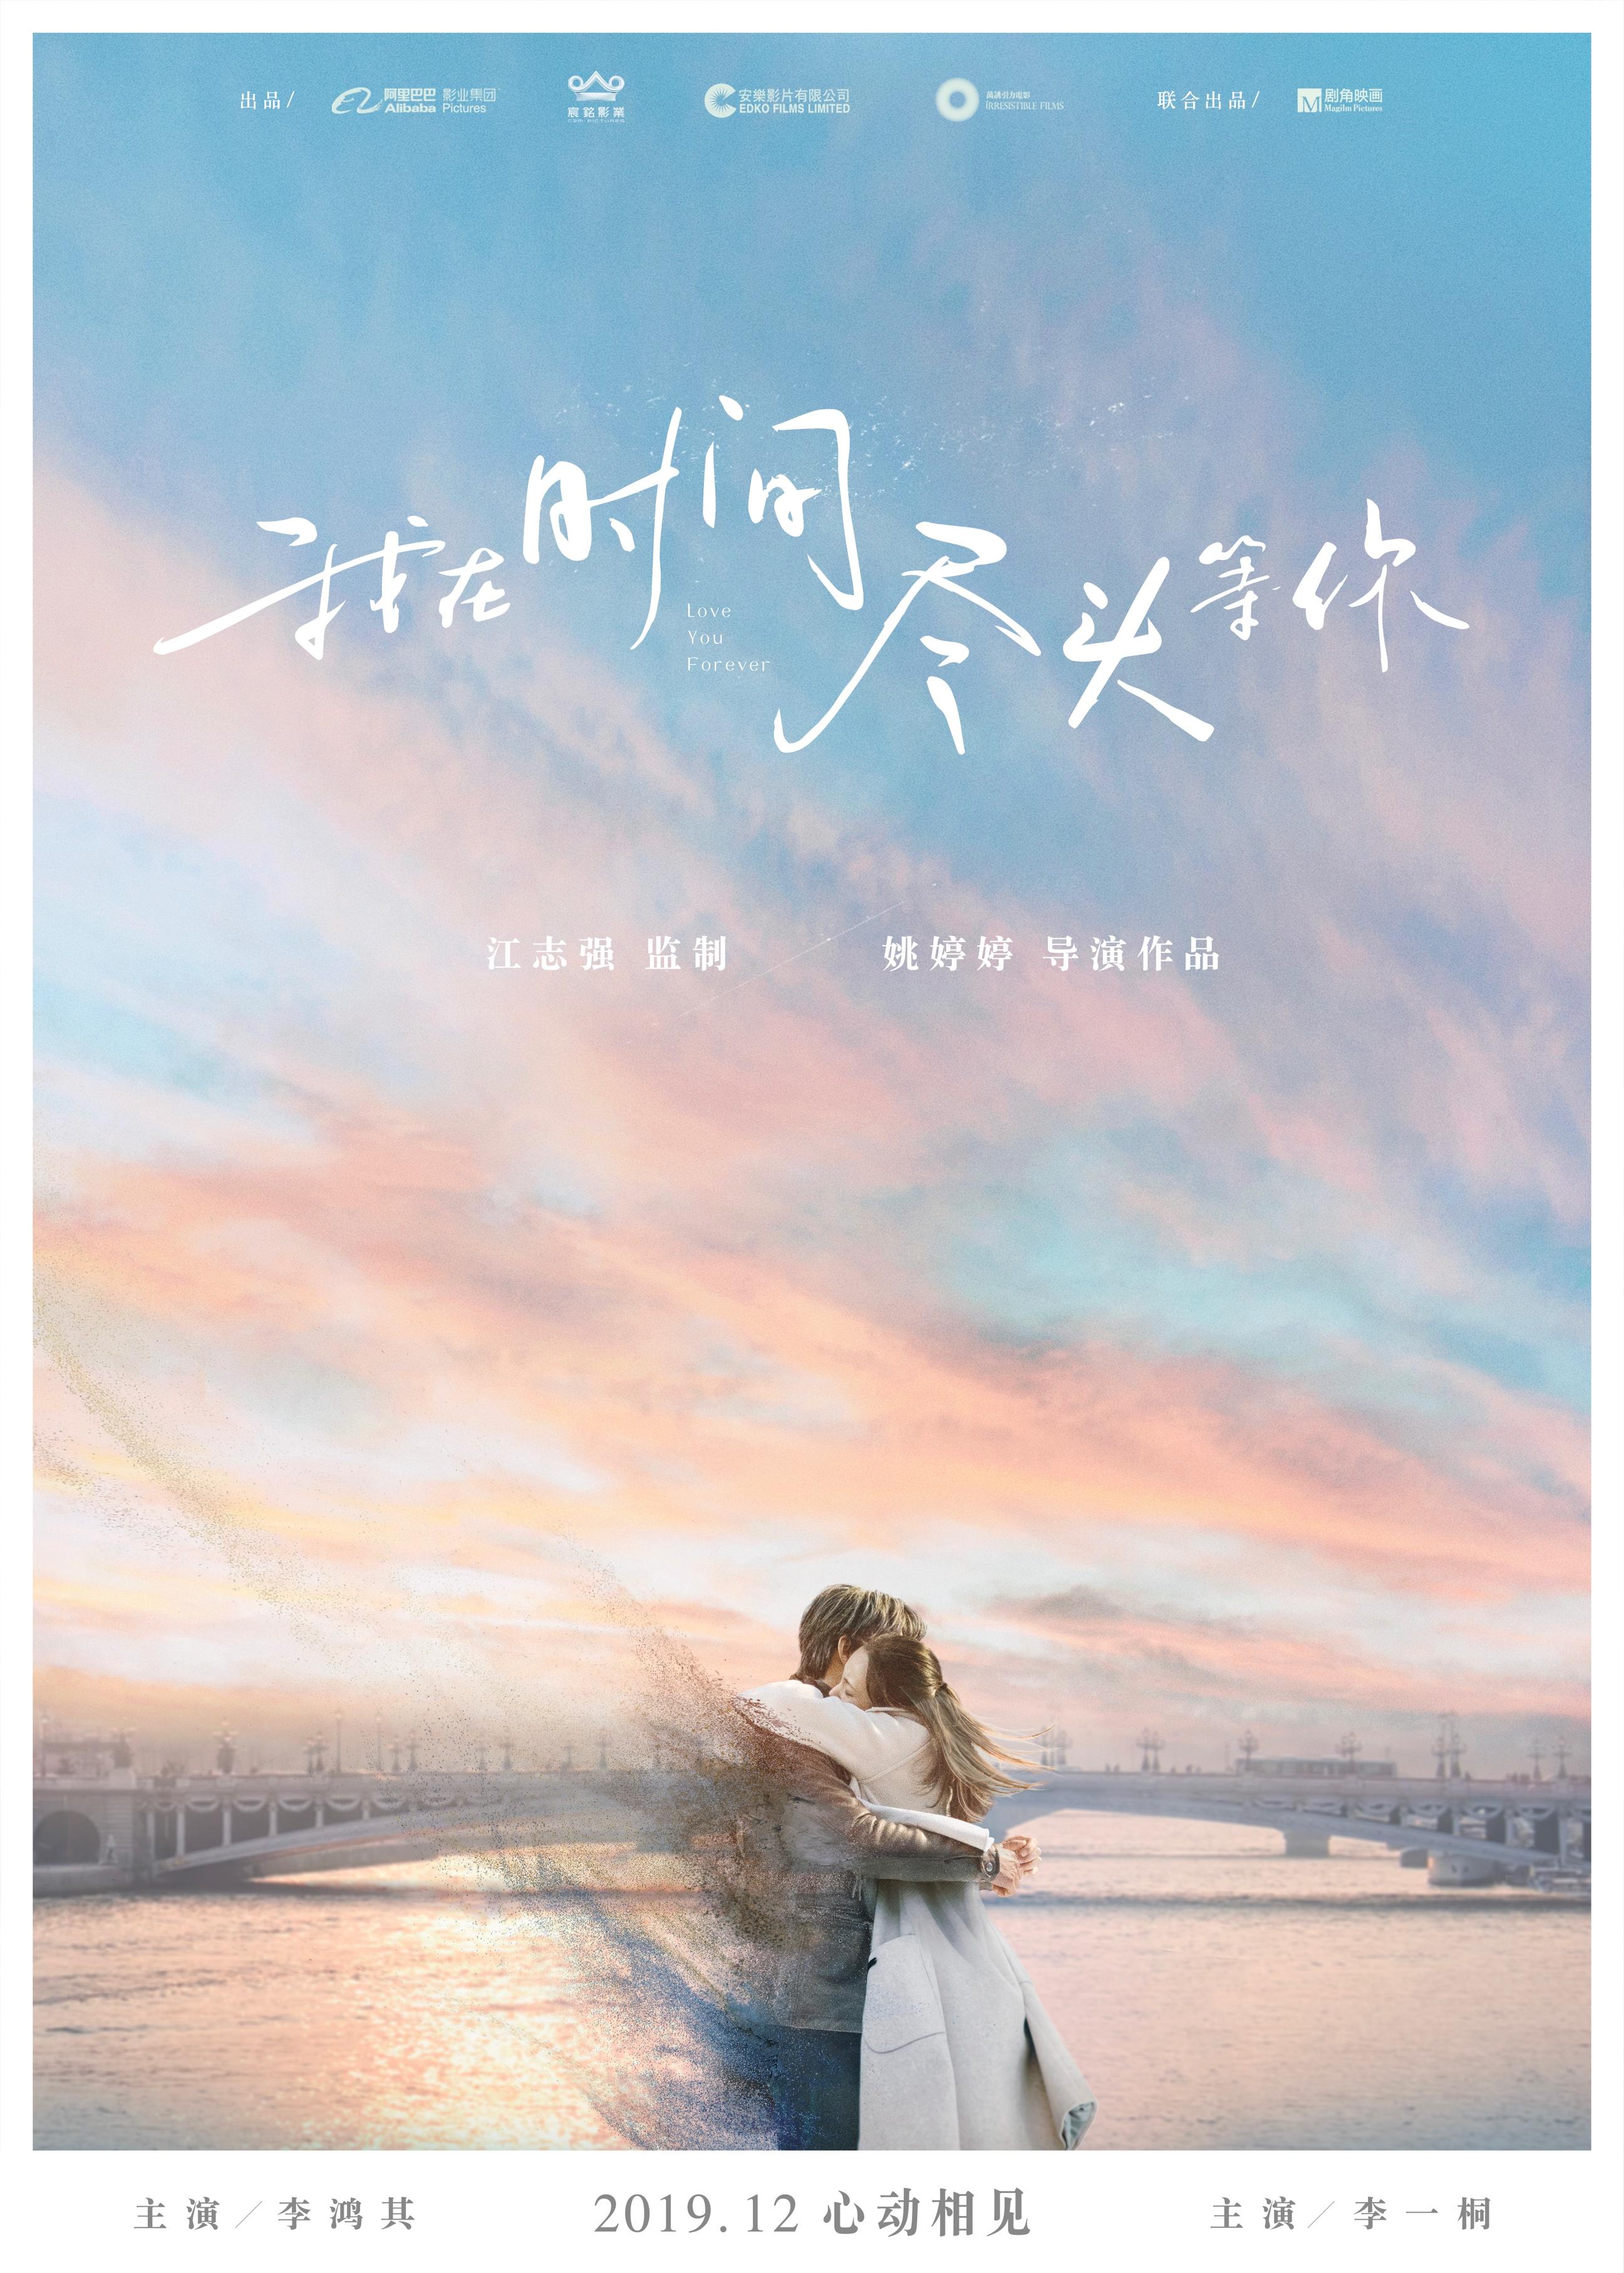 阿里影业发布第五部锦橙合制新作,爱情题材《我在时间尽头等你》定档